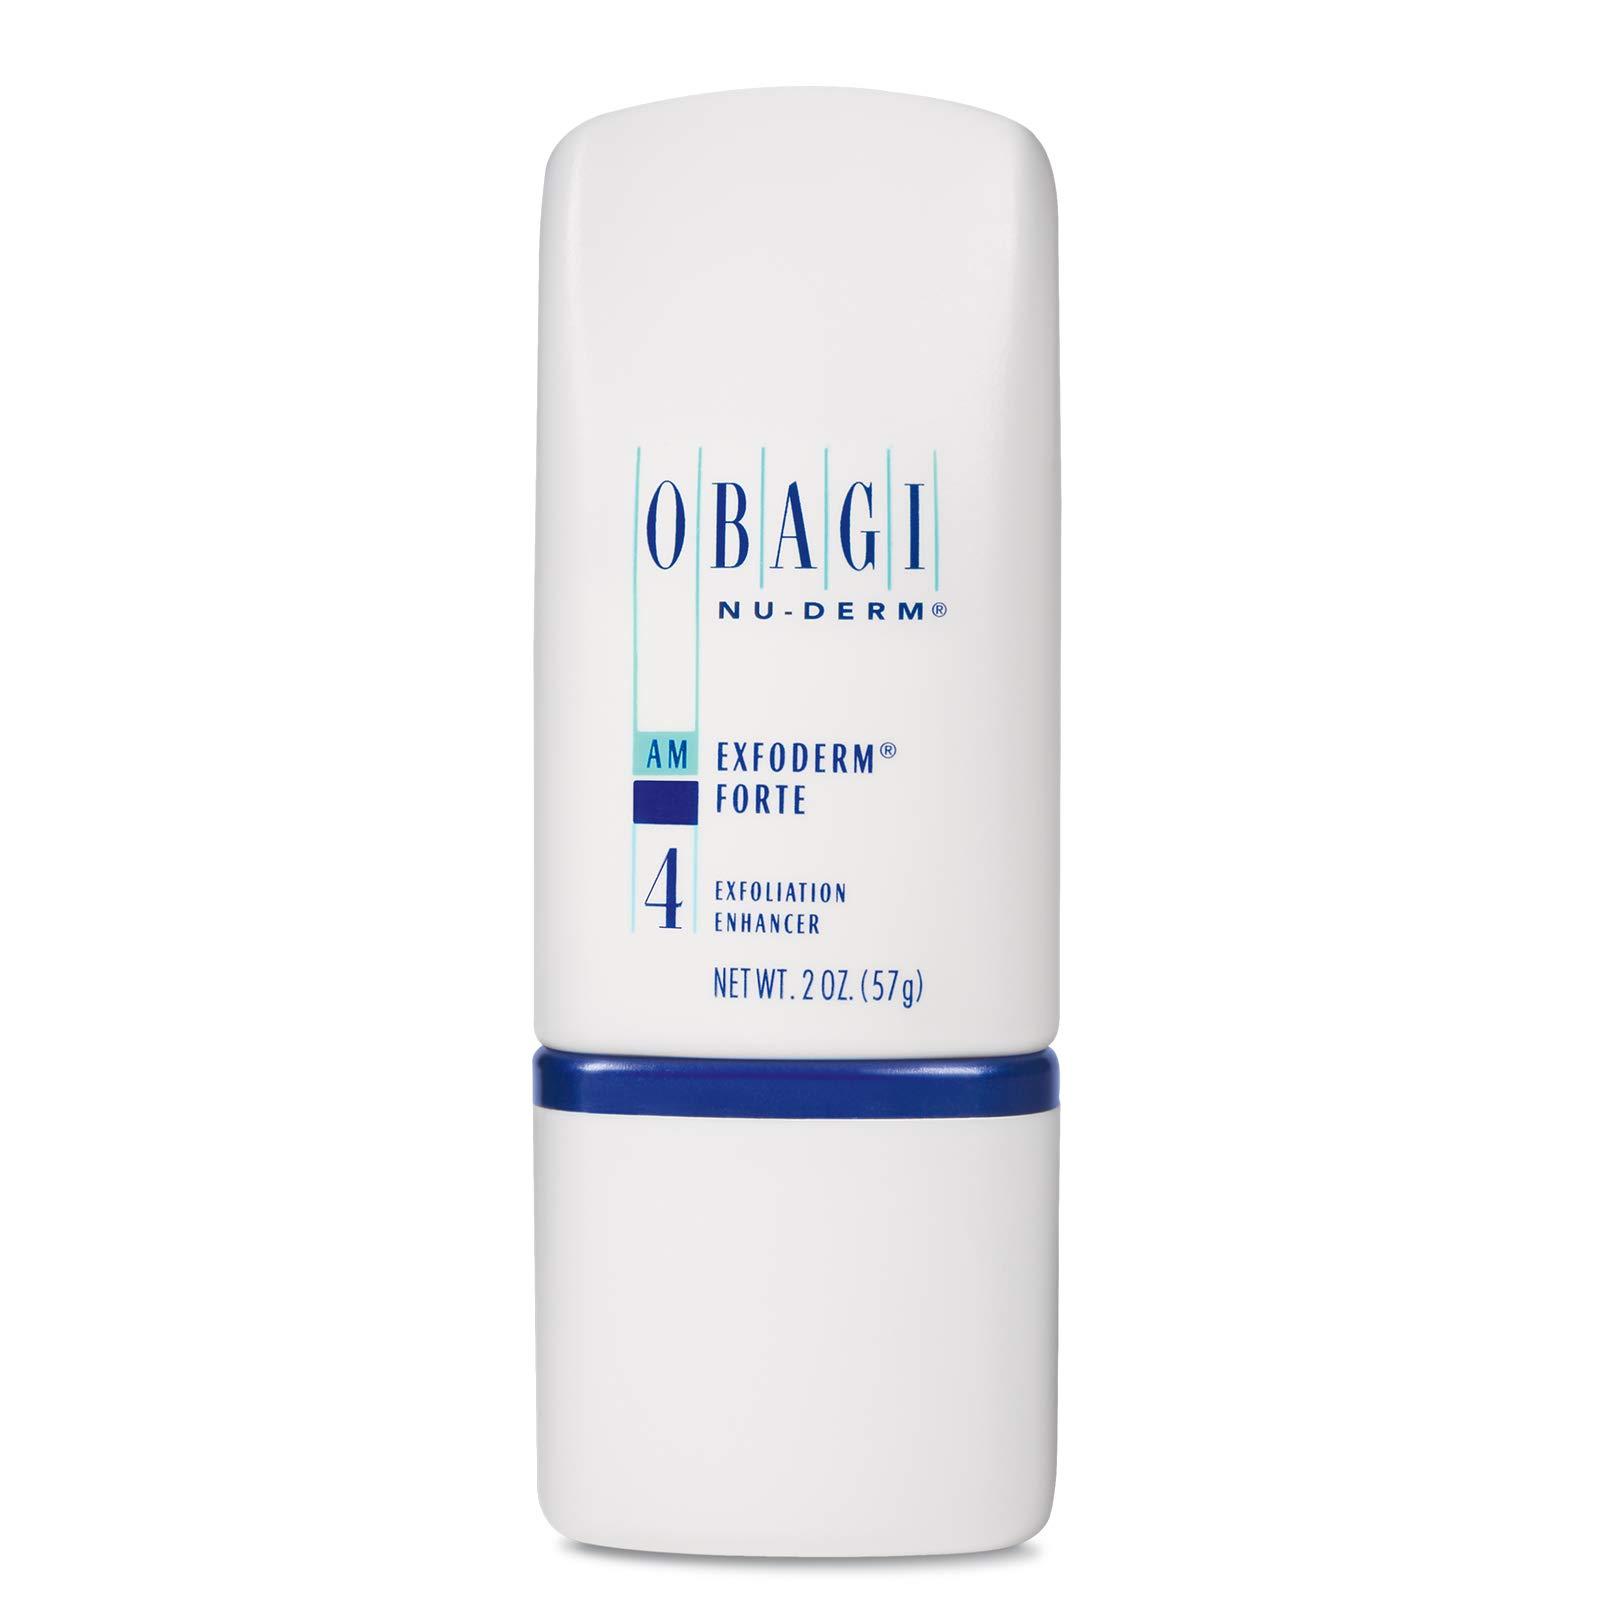 Obagi Medical Nu-Derm Exfoderm Forte, 2 oz Pack of 1